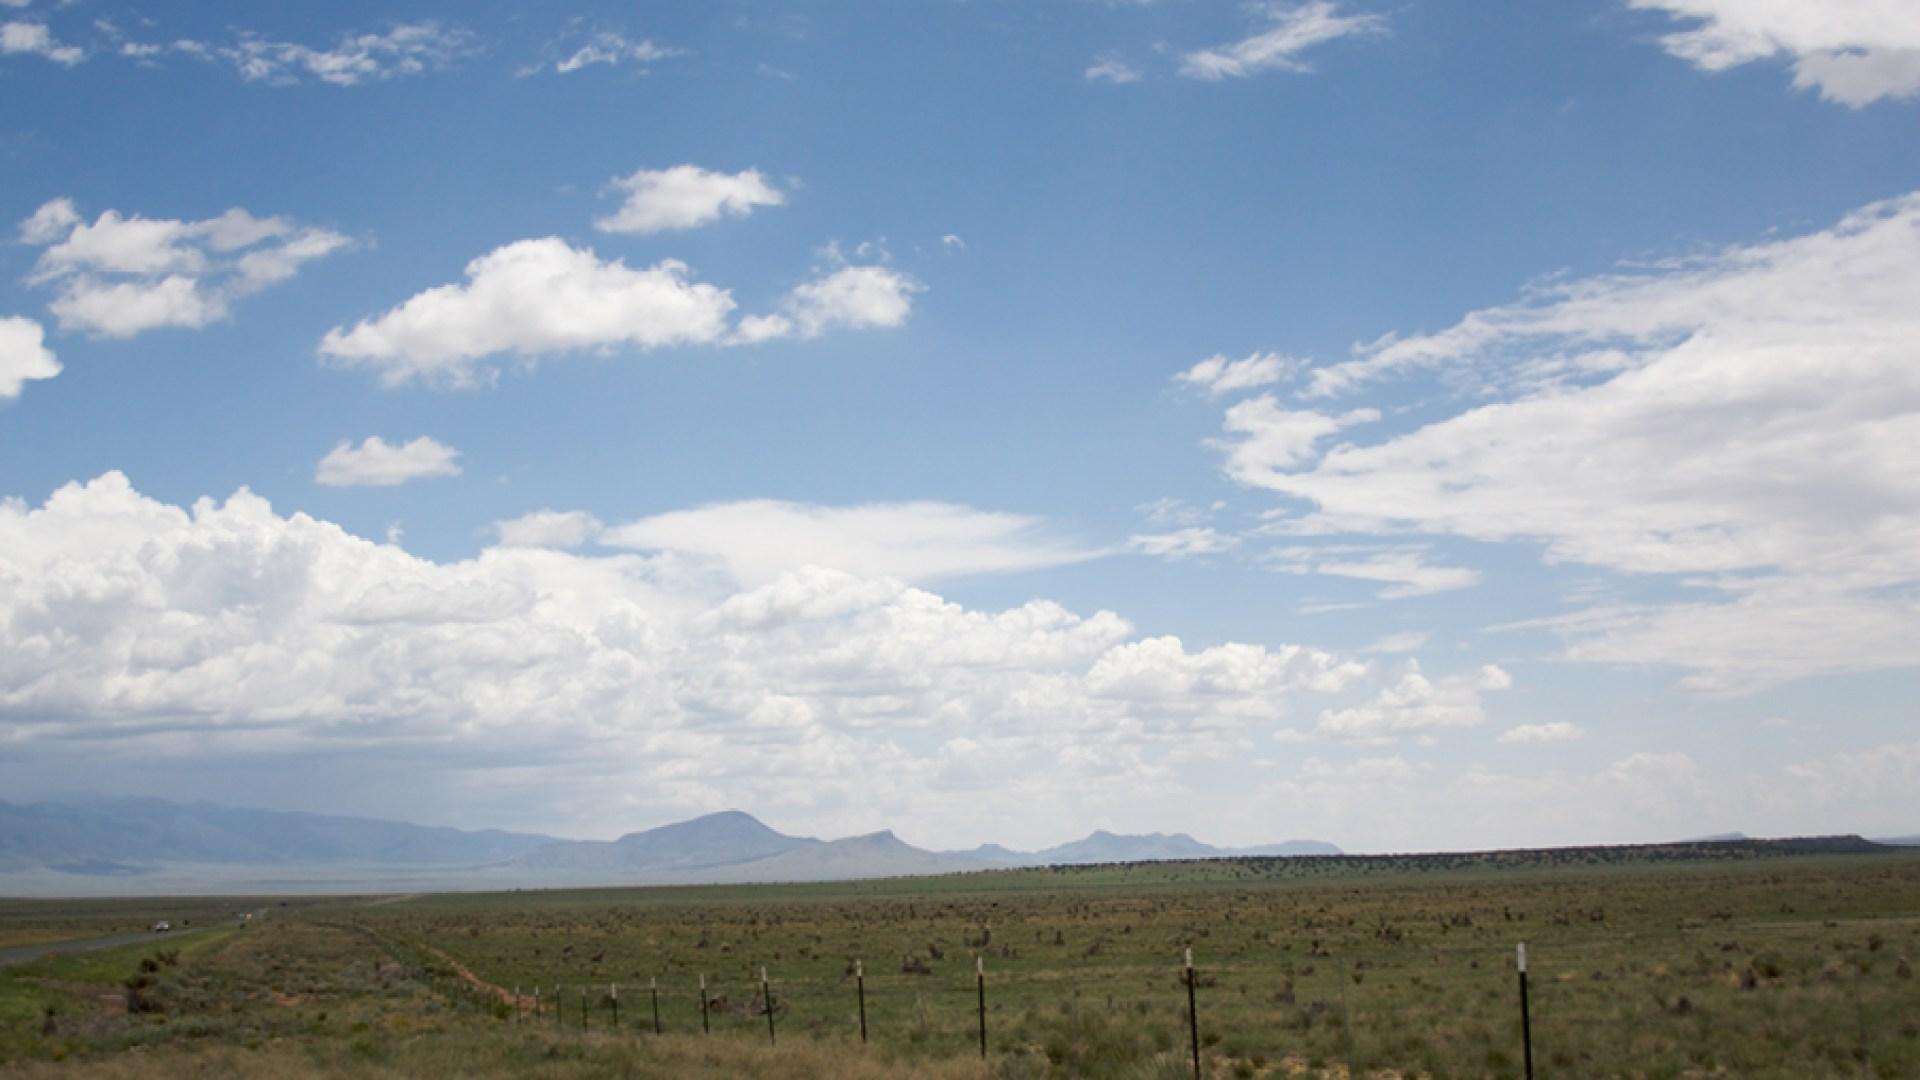 Landscape Studies: New Mexico 21